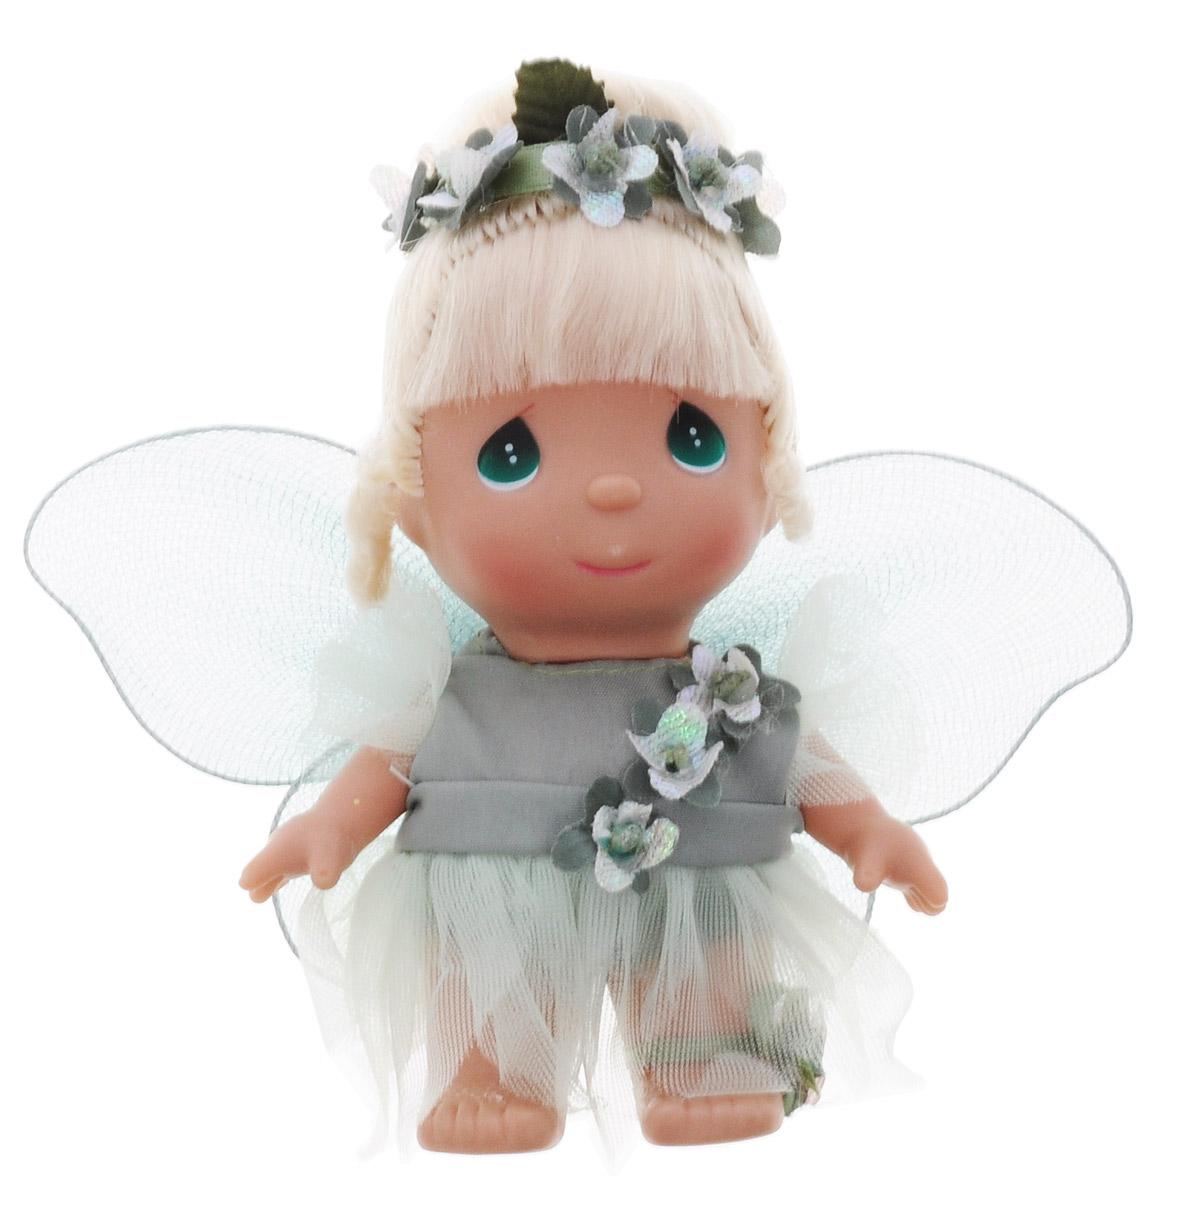 Precious Moments Мини-кукла Фея цвет наряда зеленый5408Какие же милые эти куколки Precious Moments. Создатель этих очаровательных крошек настоящая волшебница - Линда Рик - оживила свои творения, каждая кукла обрела свой милый и неповторимый образ. Эти крошки могут сопровождать вас в чудесных странствиях и сделать каждый момент вашей жизни незабываемым! Мини-кукла Фея одета в волшебное платье зеленого цвета. На спине у куклы крылышки, которые с легкостью можно отстегнуть. Светлые волосы куклы убраны в прическу, украшенную зелеными цветами. У девочки большие зеленые глаза. Благодаря играм с куклой, ваша малышка сможет развить фантазию и любознательность, овладеть навыками общения и научиться ответственности. Порадуйте свою принцессу таким прекрасным подарком!